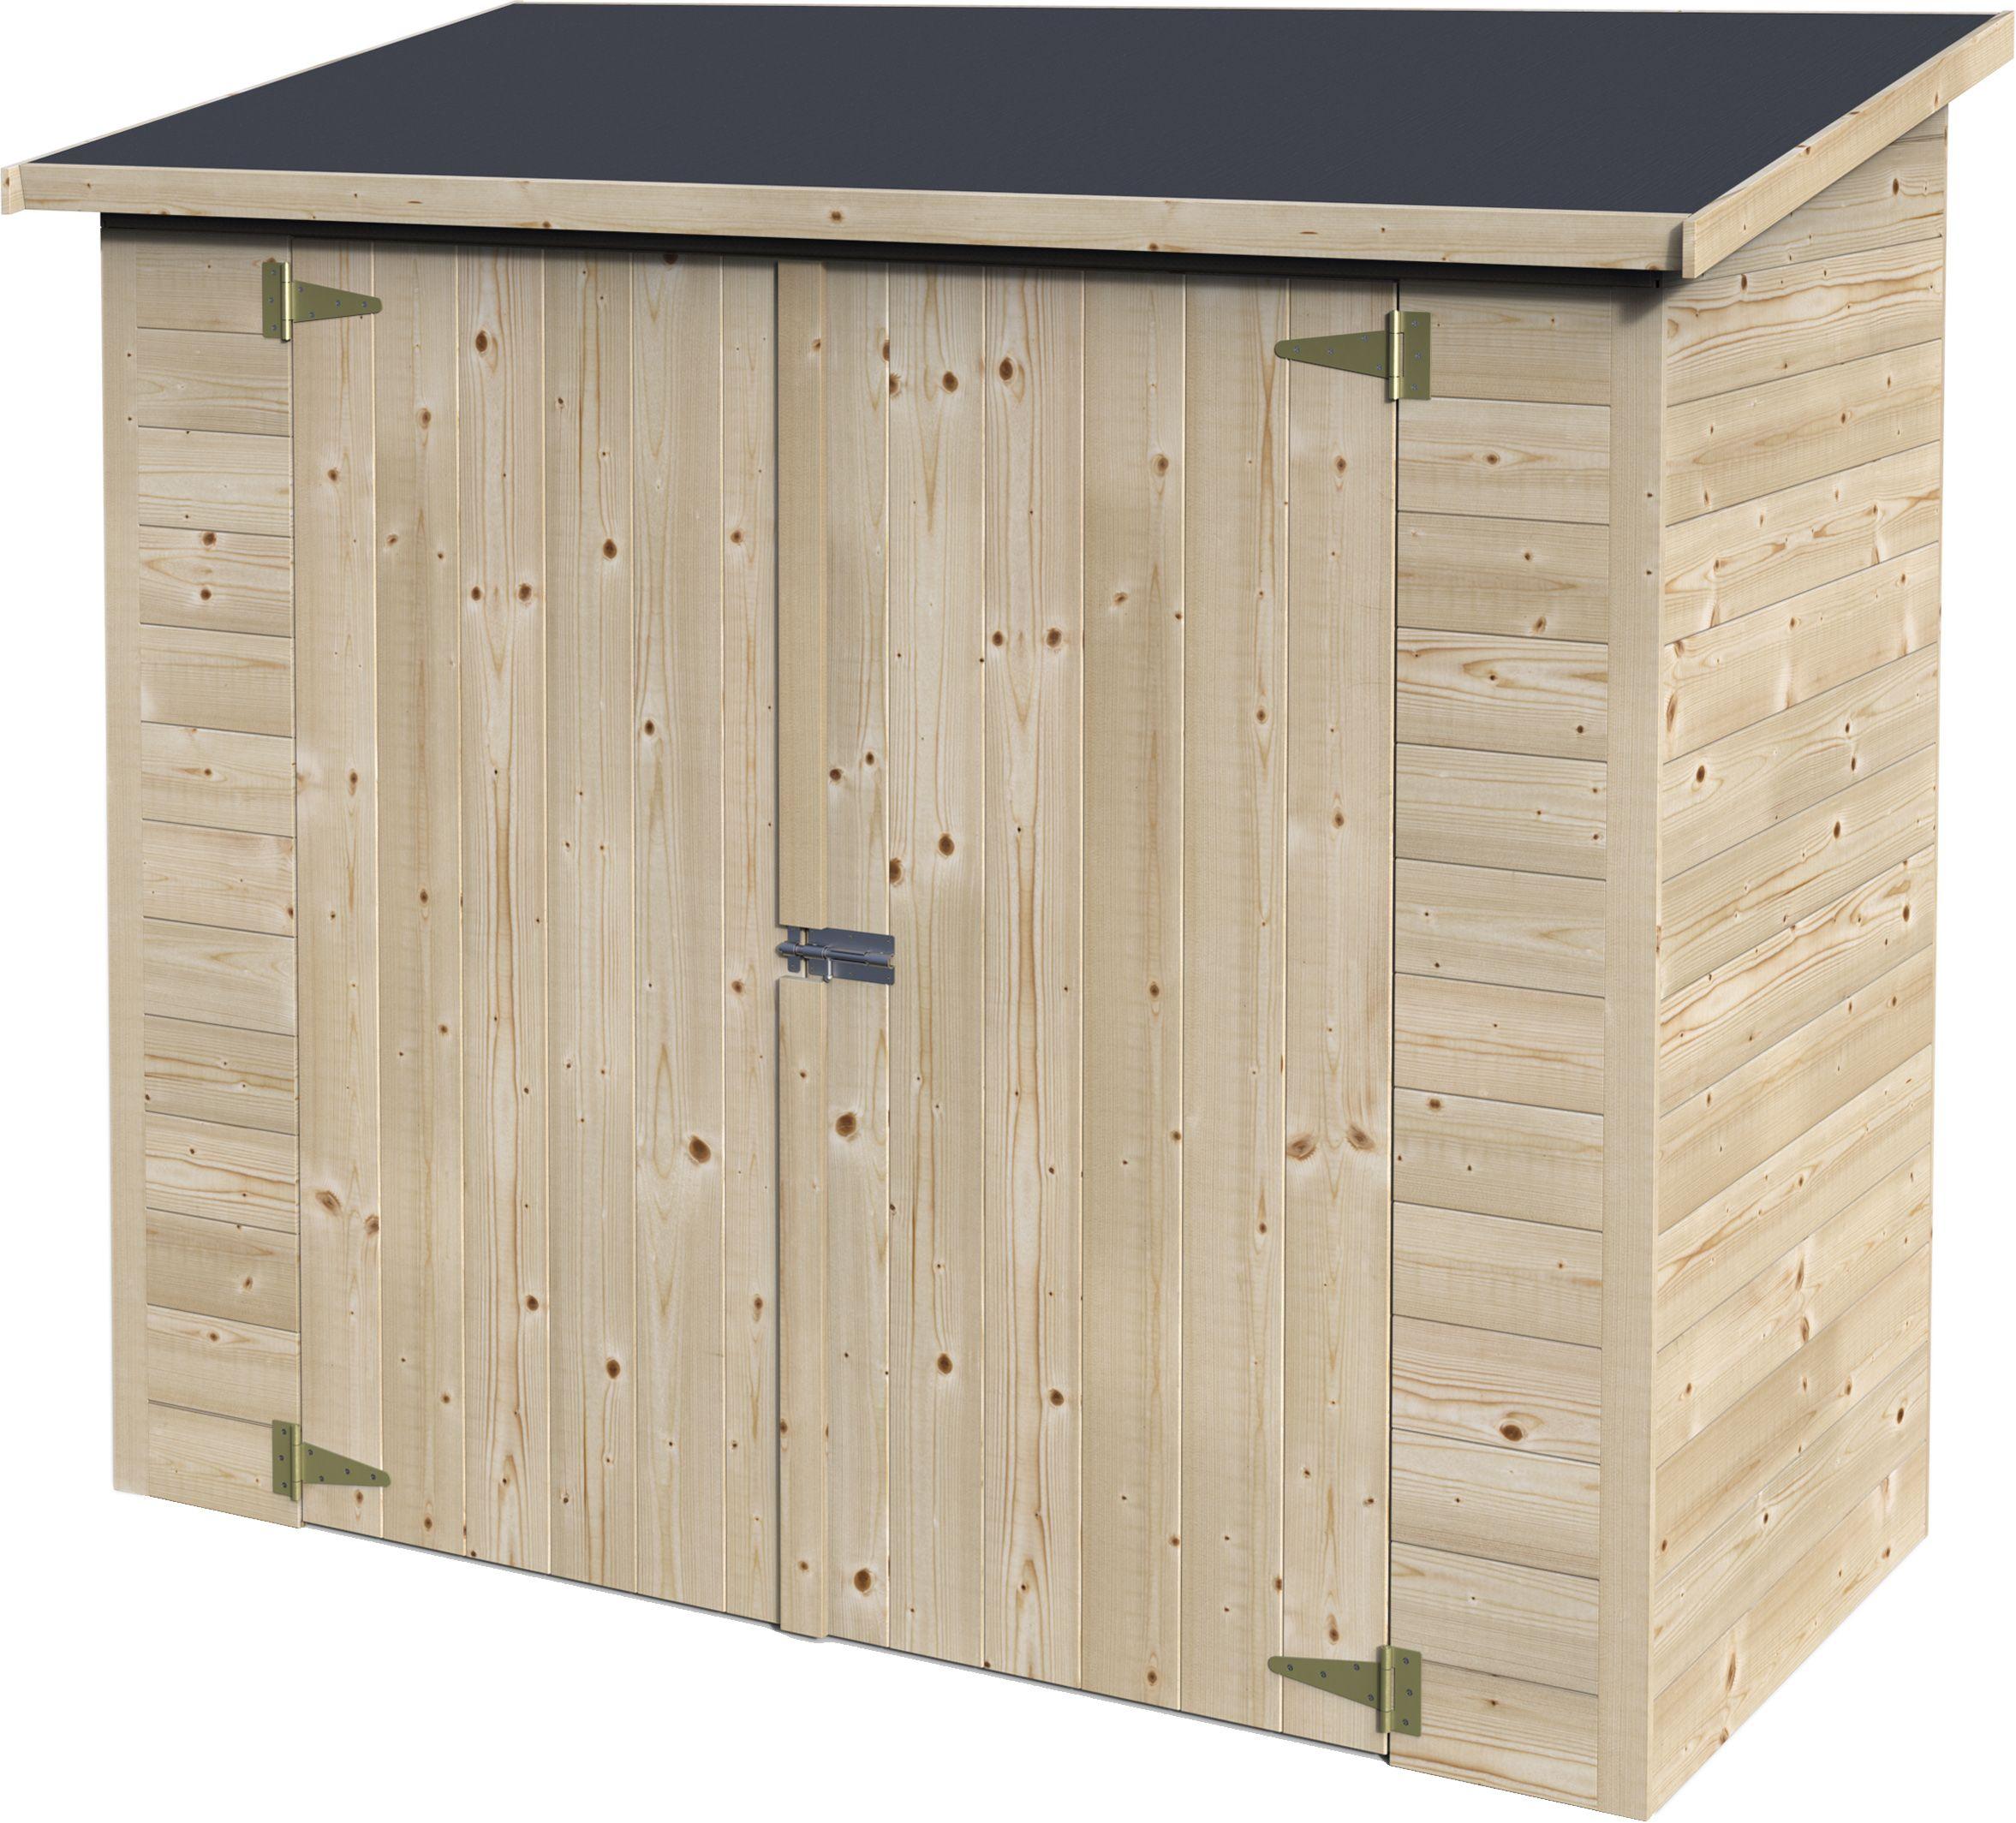 Aki bricolaje jardiner a y decoraci n armario madera box for Casetas de madera para jardin aki